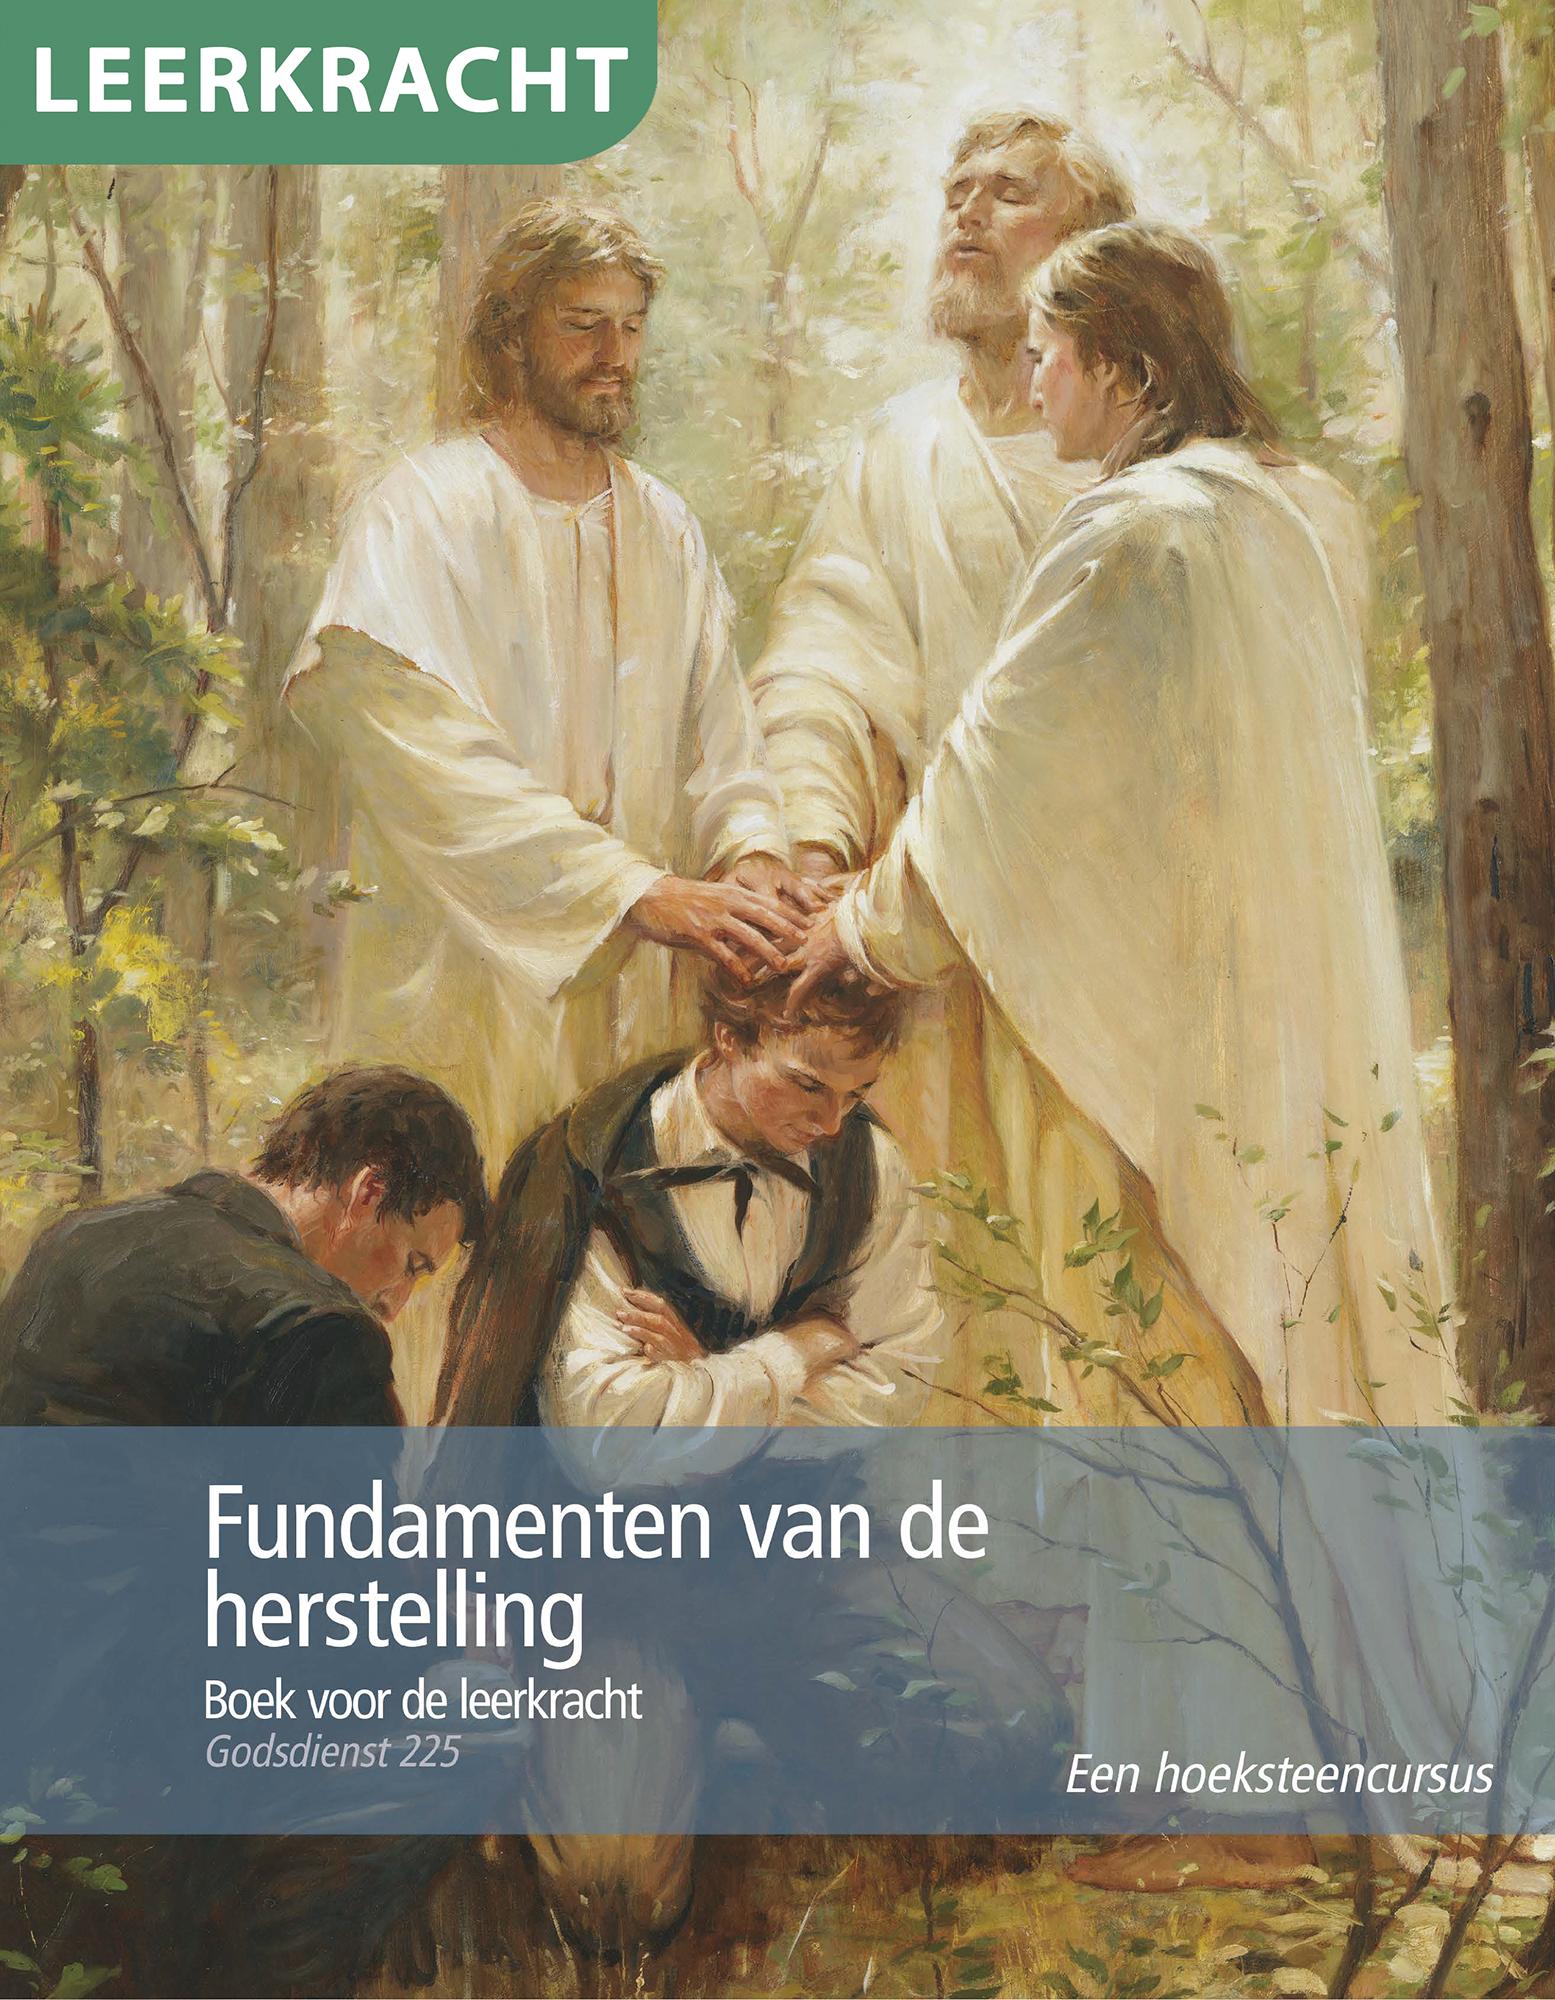 Fundamenten van de herstelling — boek voor de leerkracht (Godsdienst 225)